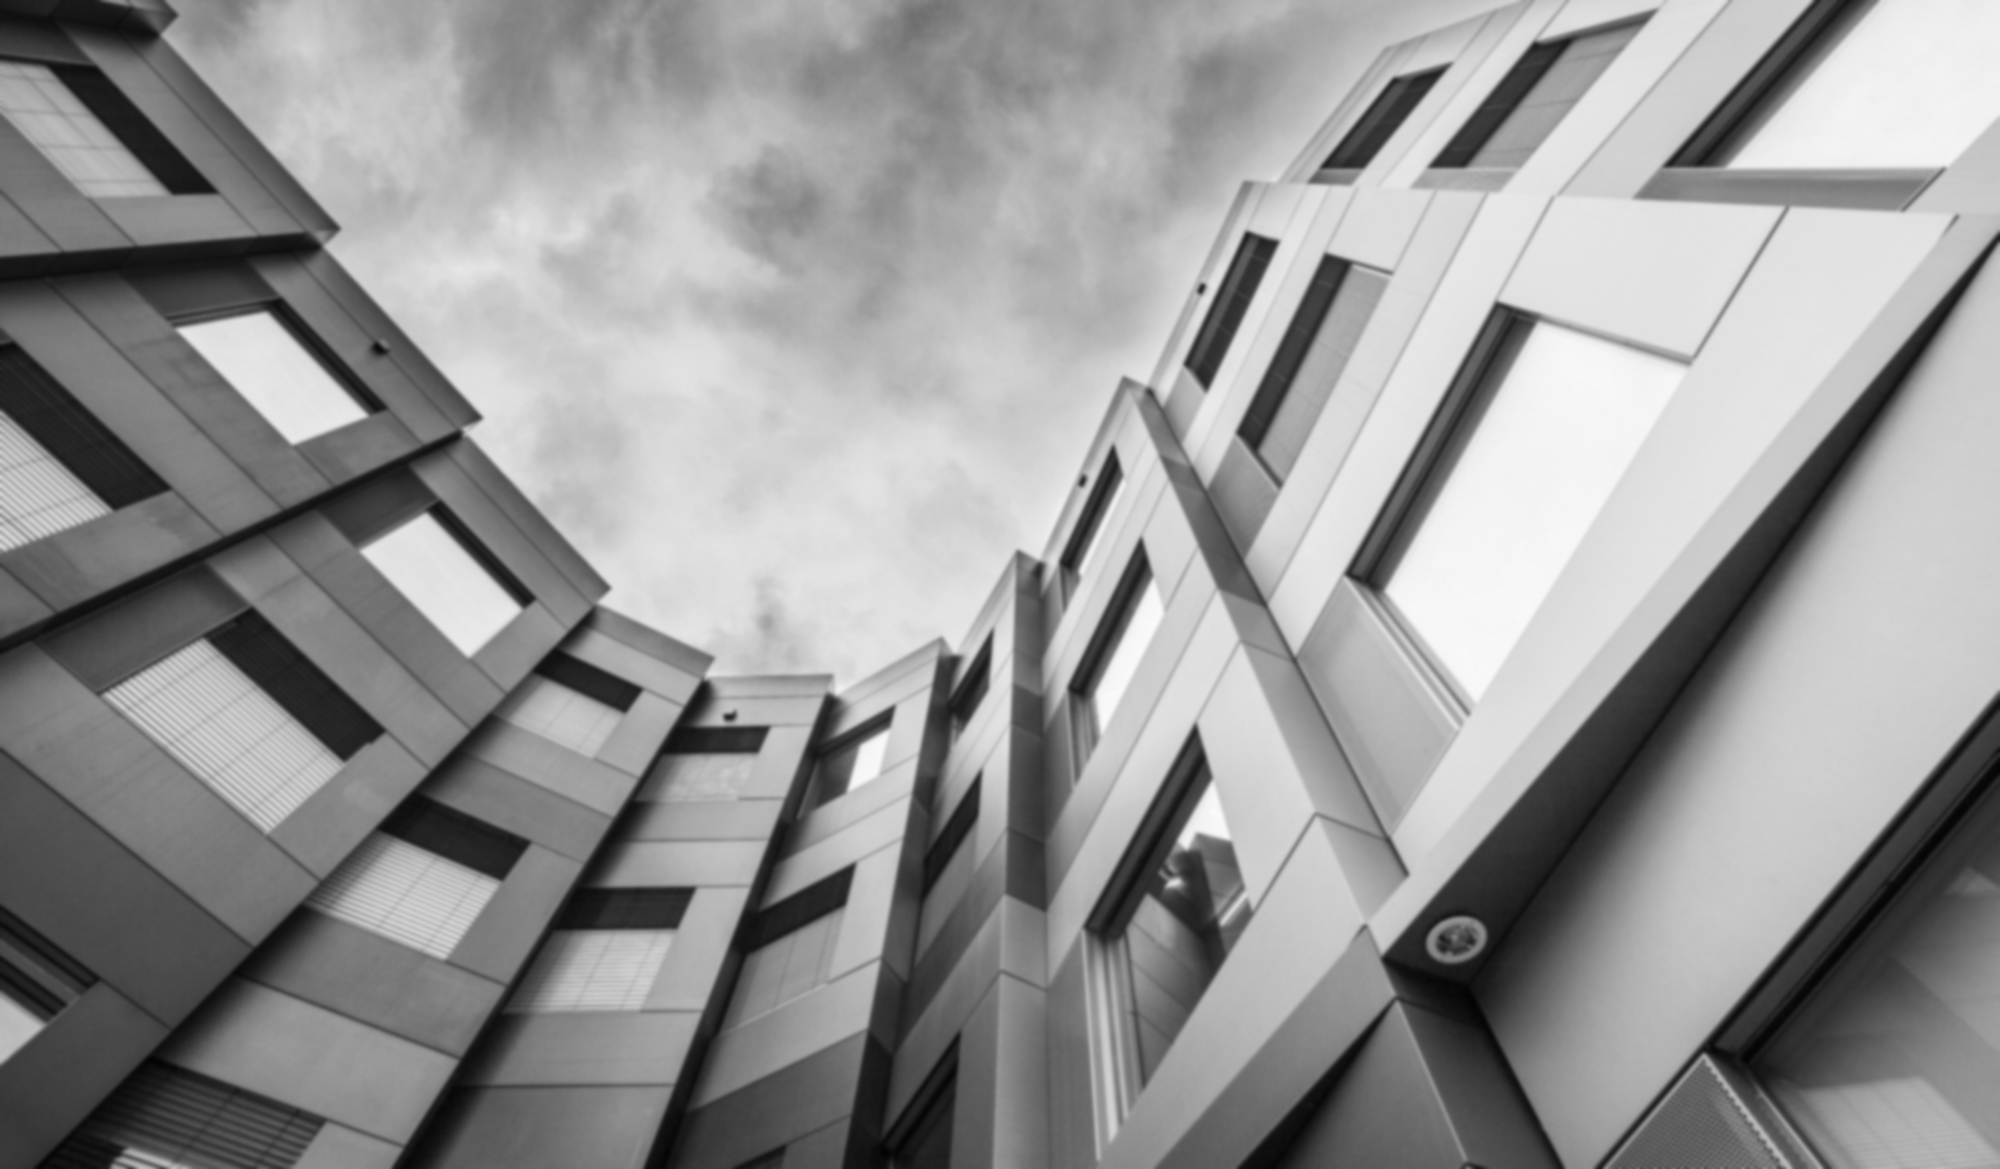 Acheter un bien immobilier avec les agences hexia toulouse for Acheter un bien insolite